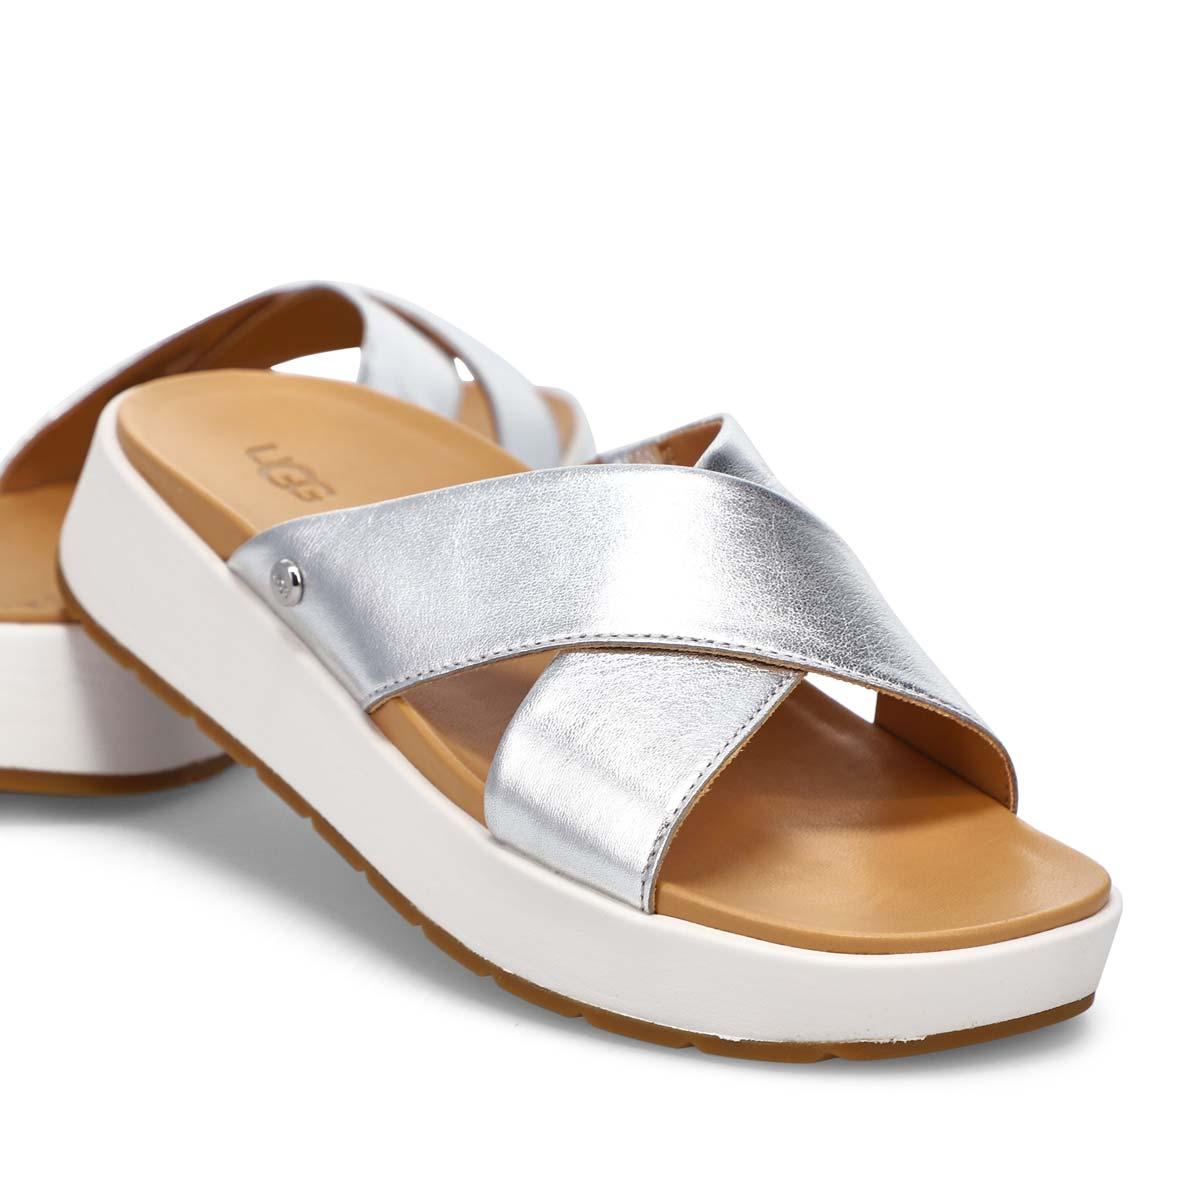 Women's Emily Slide Sandal - Metallic Silver